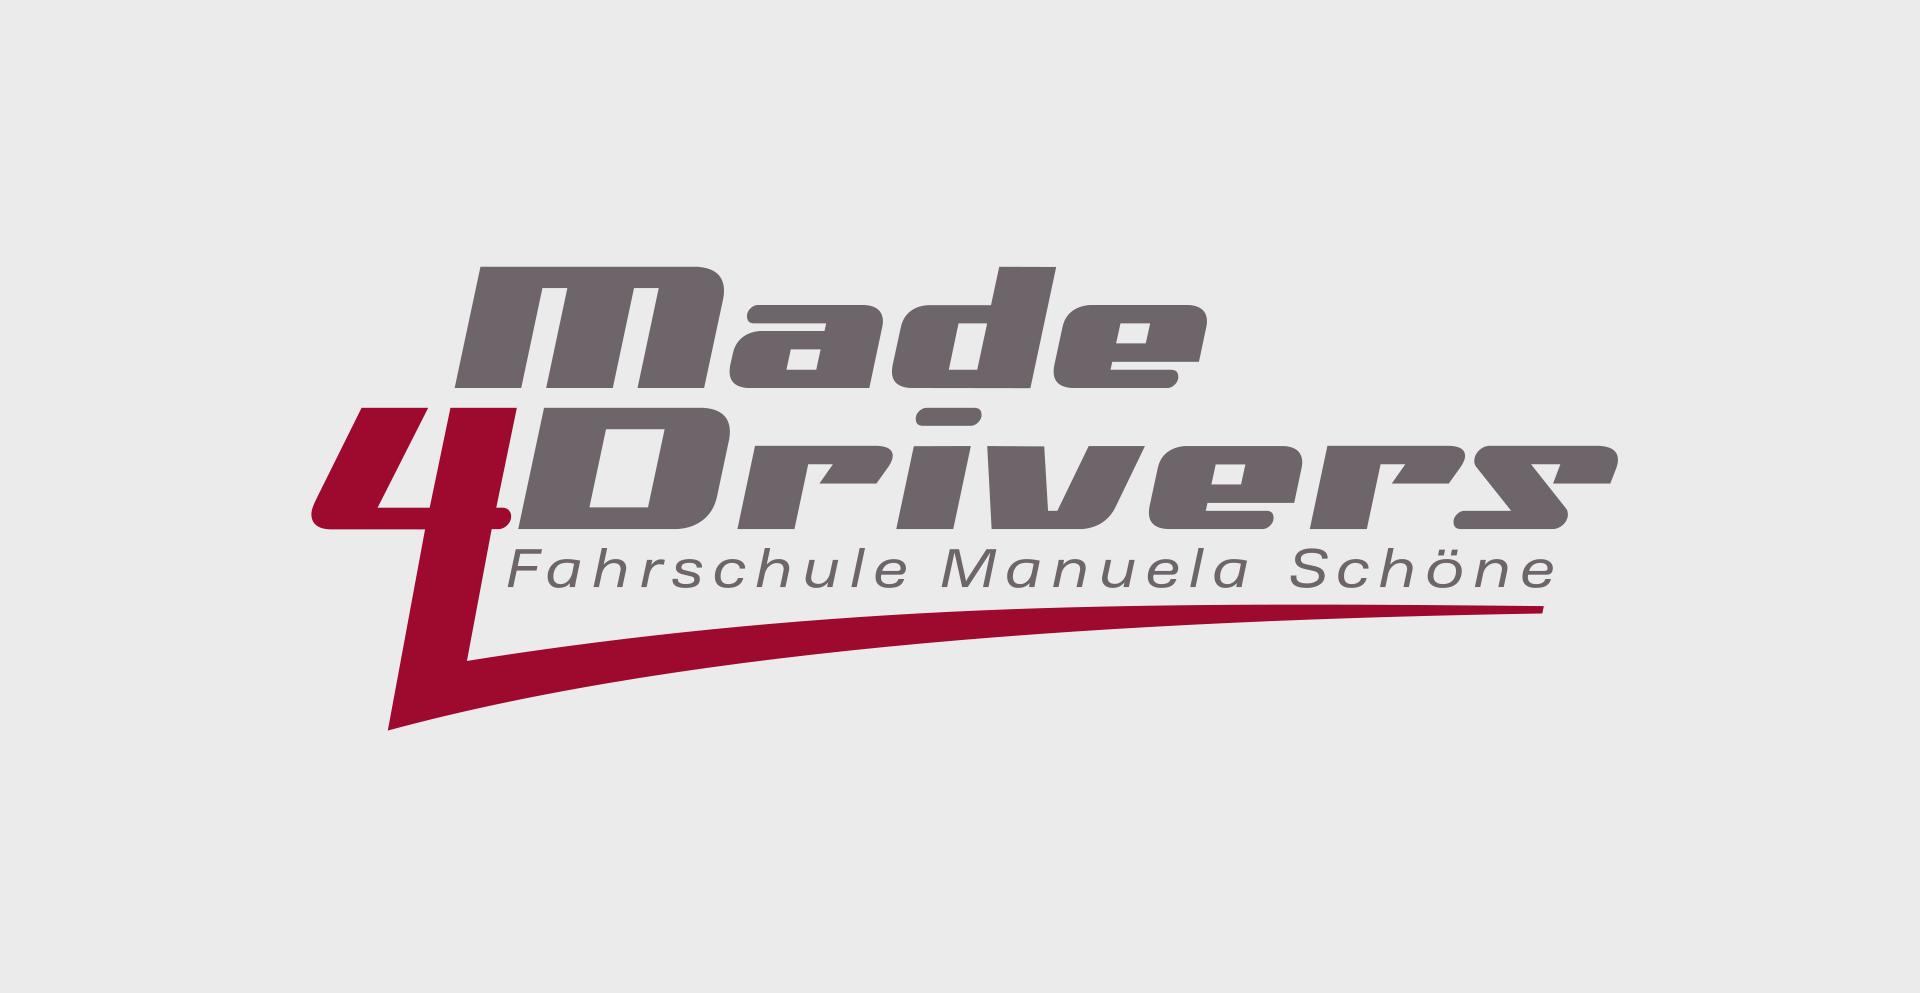 Fahrschule Logo